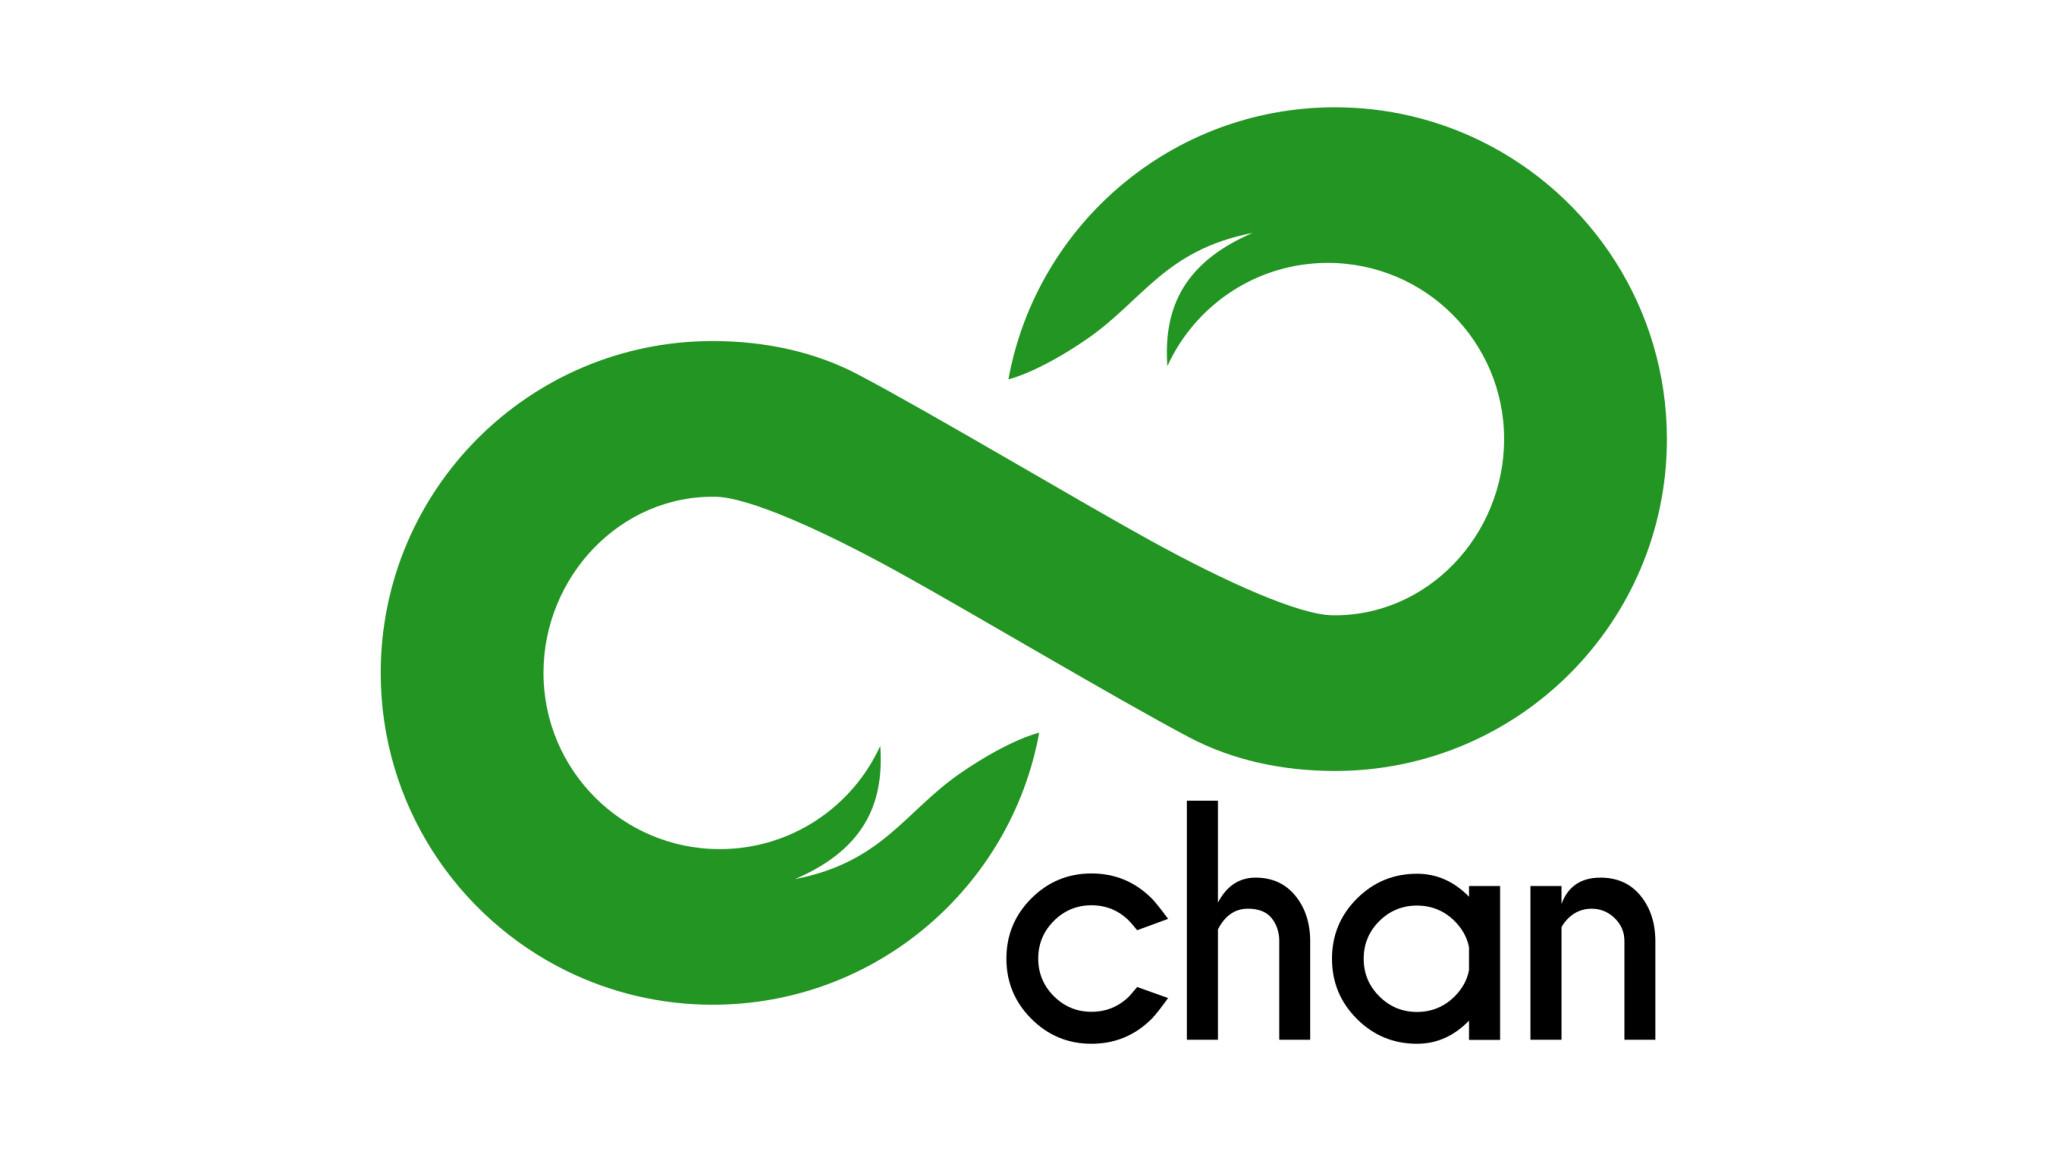 QAnon 5 May 2020 - 8chan Logo